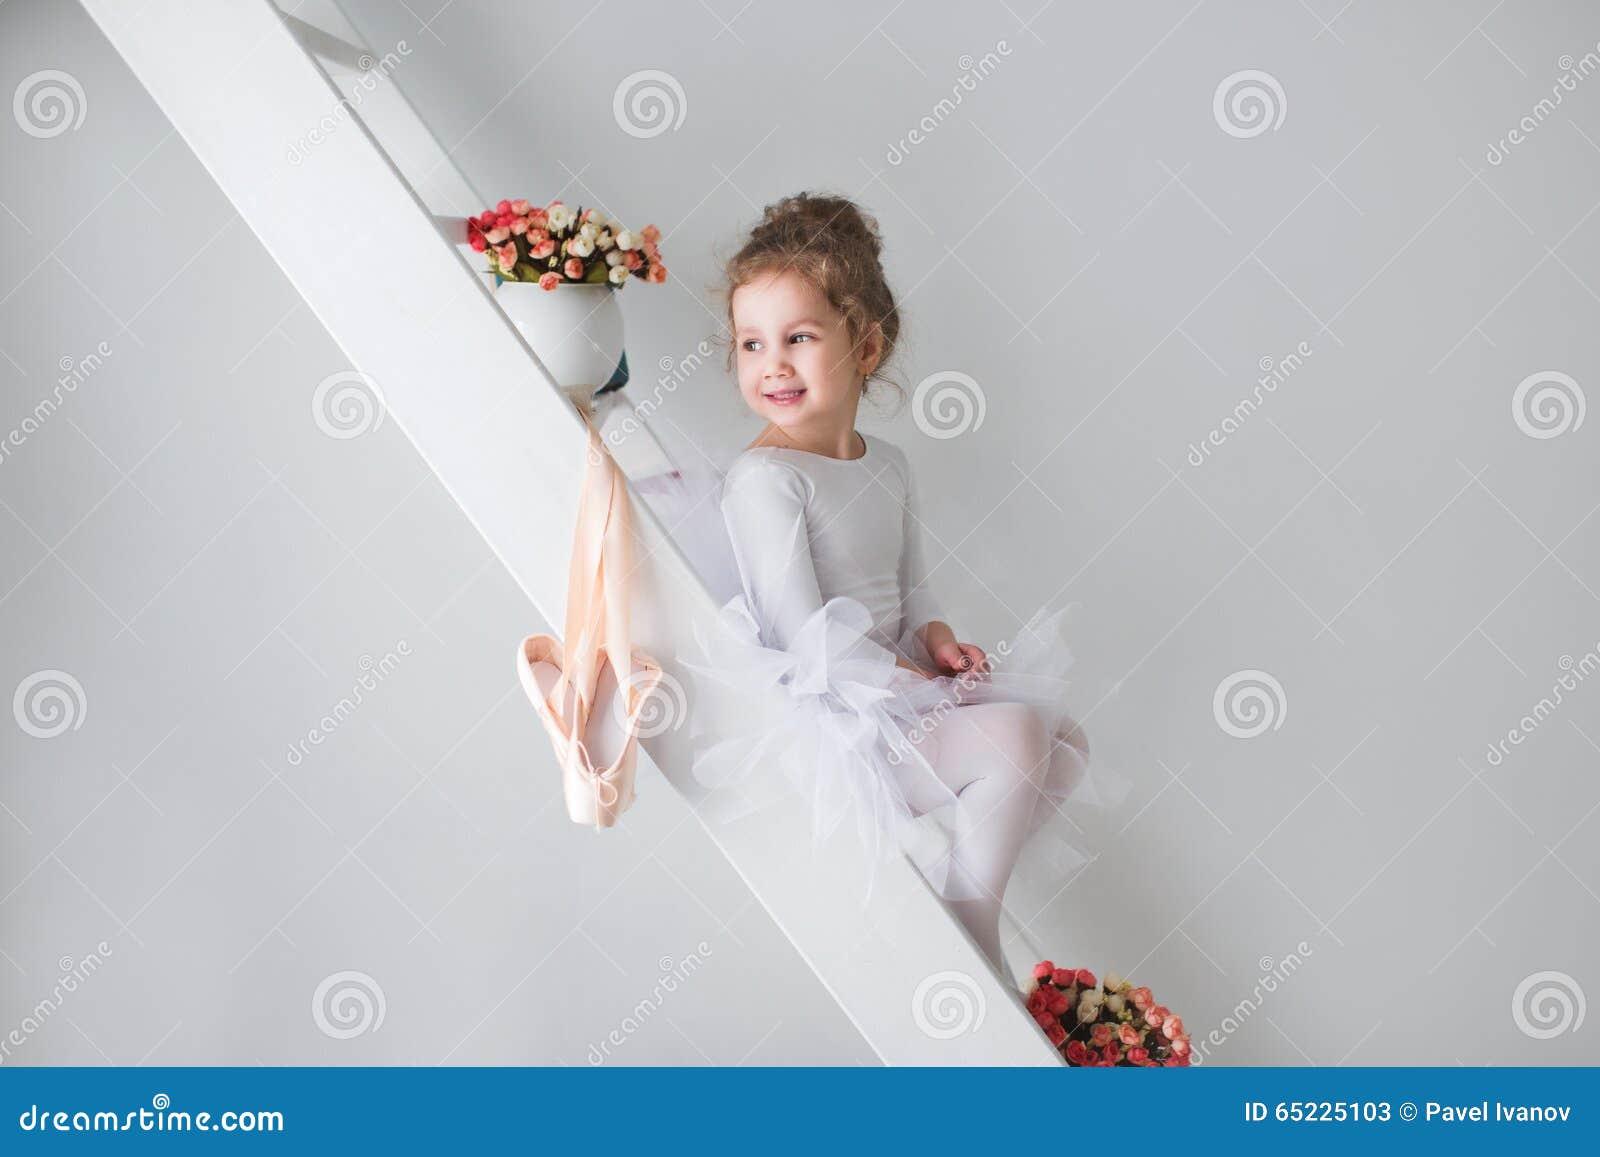 Bailarina nova adorável pequena em um humor brincalhão